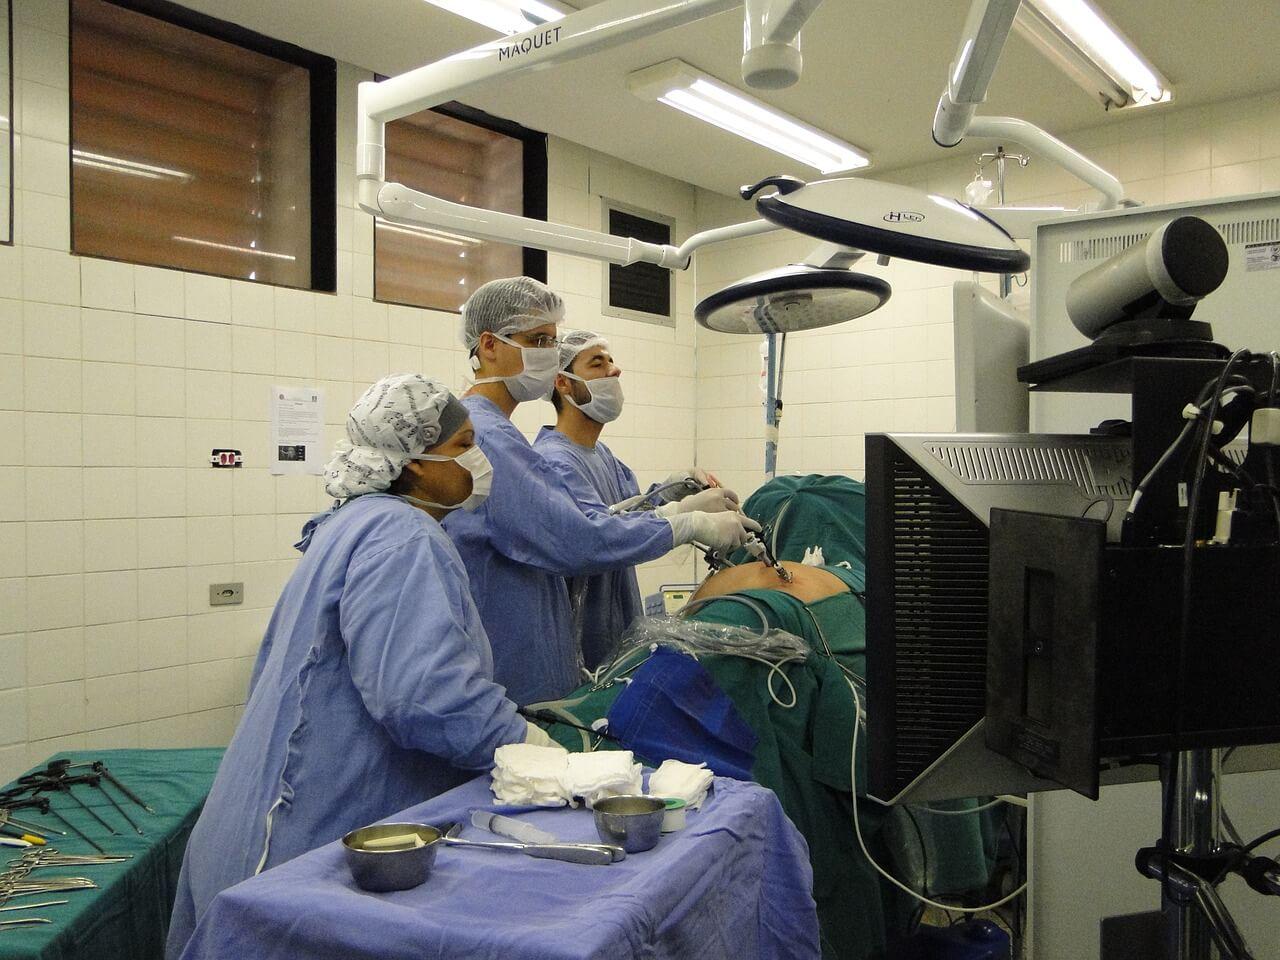 Lacerações renais | Sintomas, Causas, Diagnóstico e Tratamento